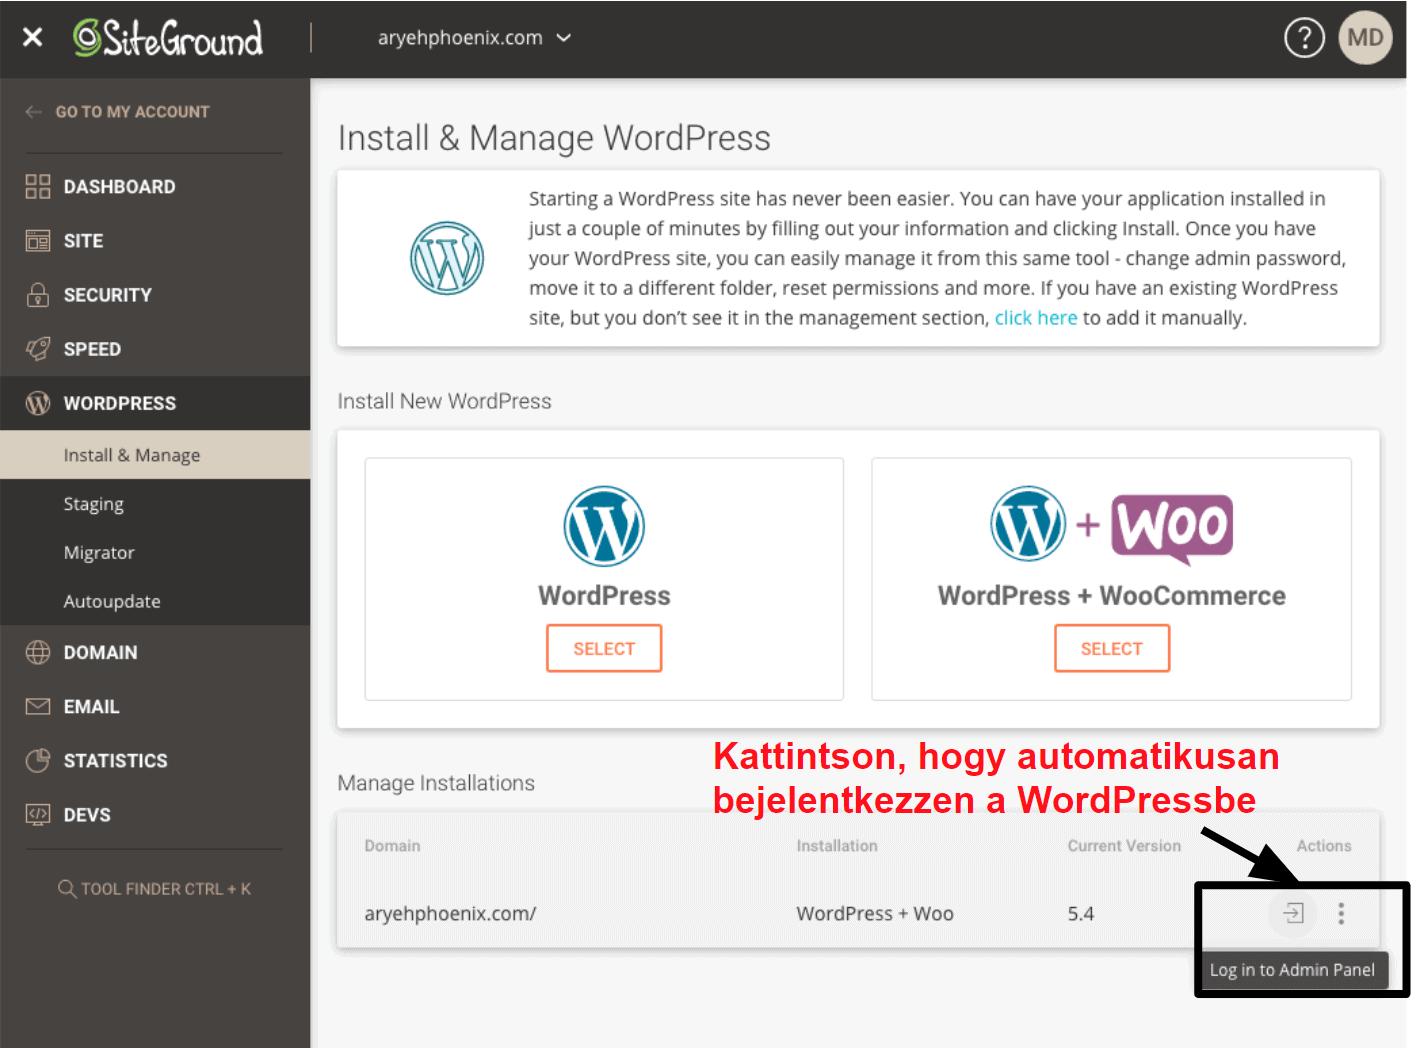 Weboldal készítése 2021-ban: teljes útmutató lépésről lépésre